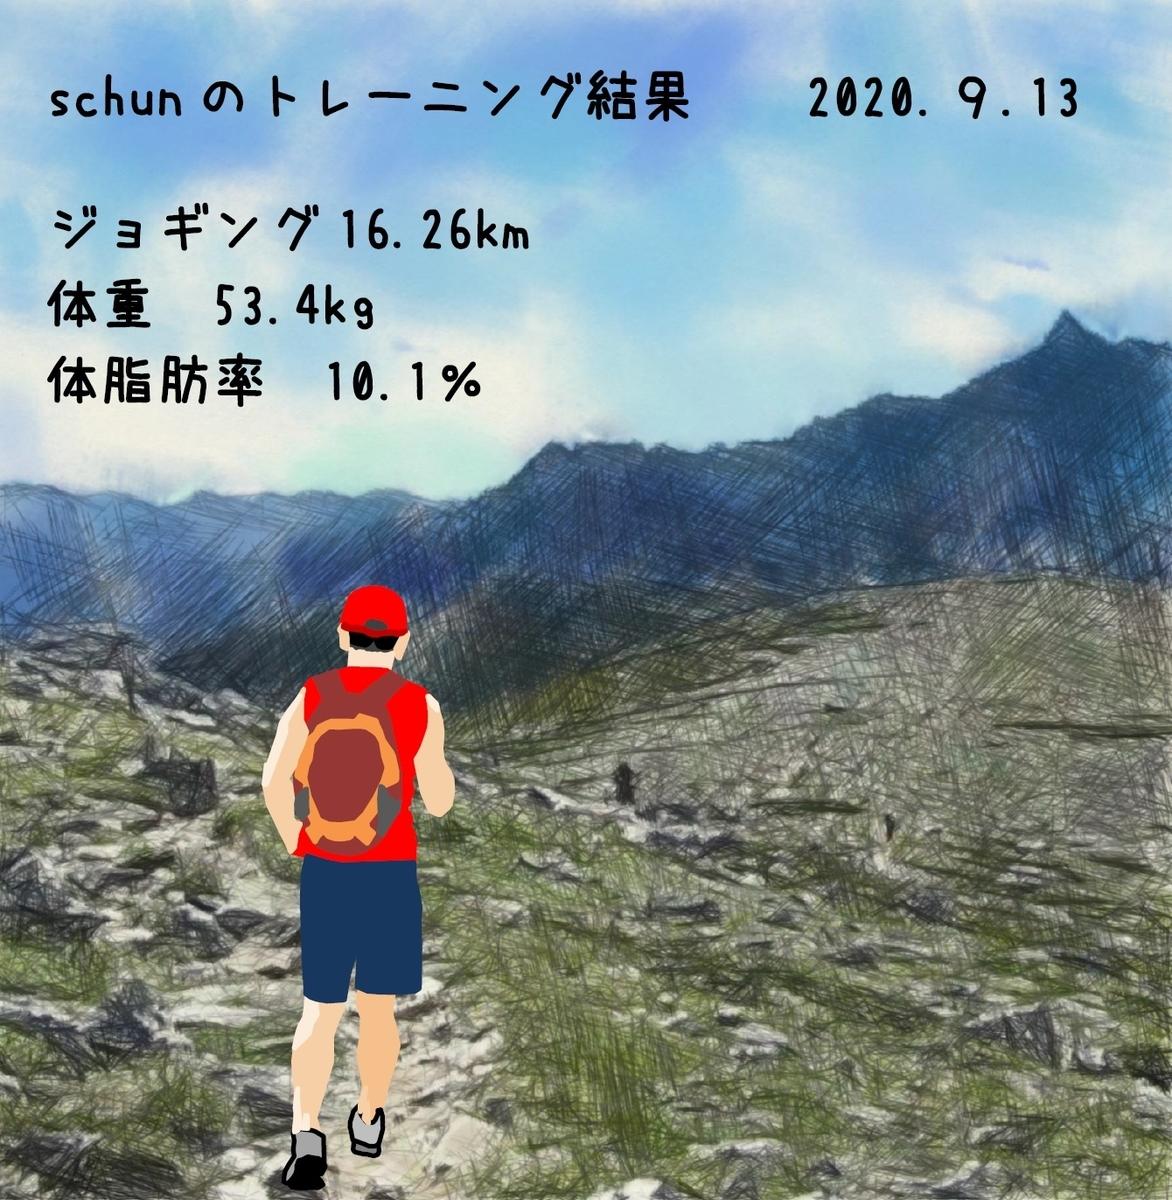 f:id:schunchi2007:20200913174515j:plain